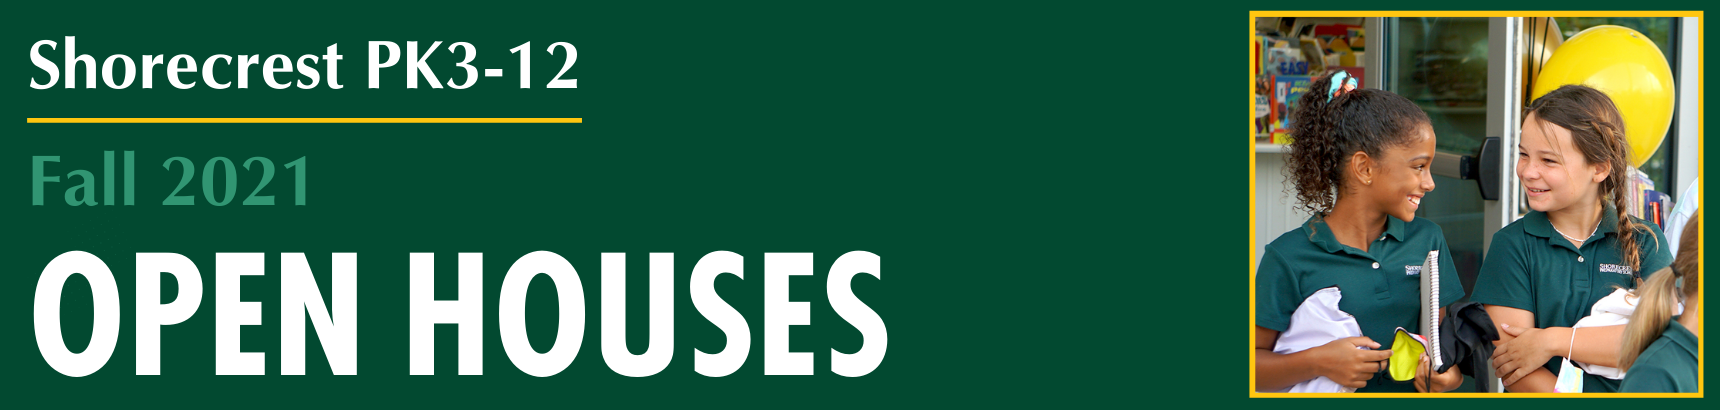 2021 open house hubspot header (1)